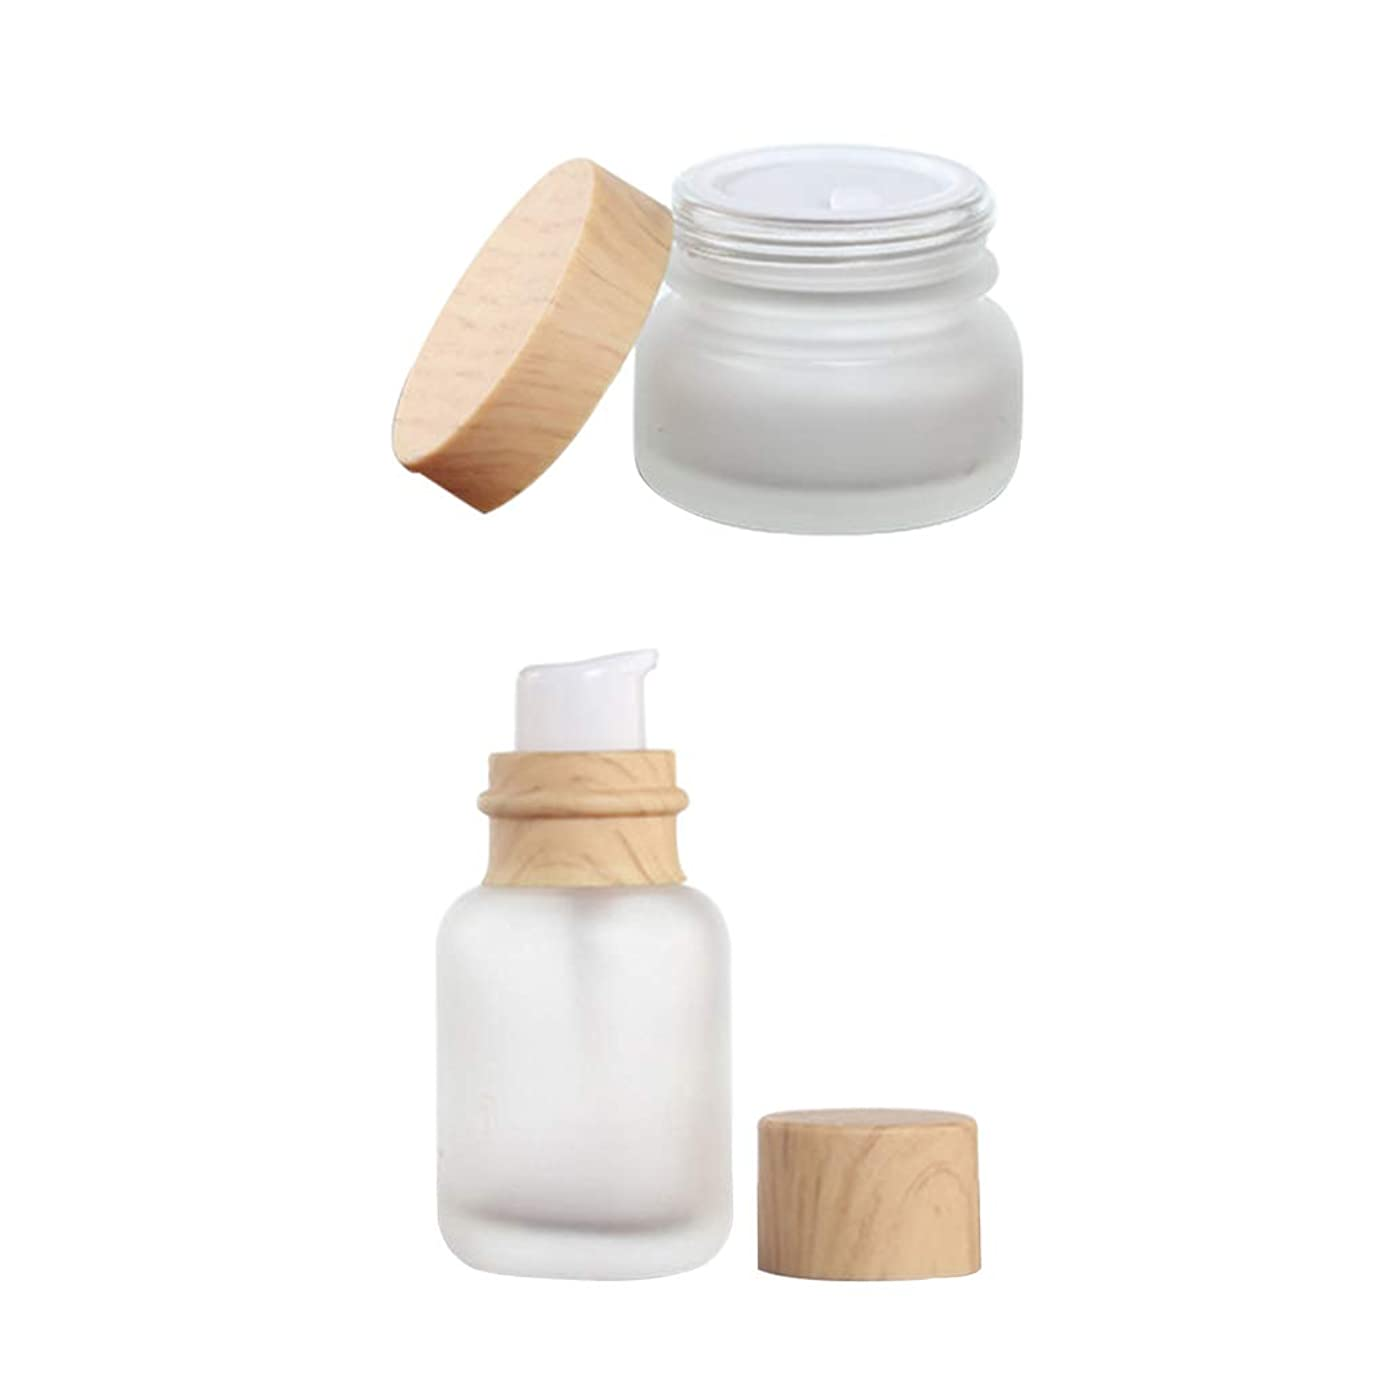 探す聖人社会主義SM SunniMix ポンプボトル クリームケース 小分け 詰め替え容器 50ML 広い口 木製カバー付き 化粧品 容器瓶